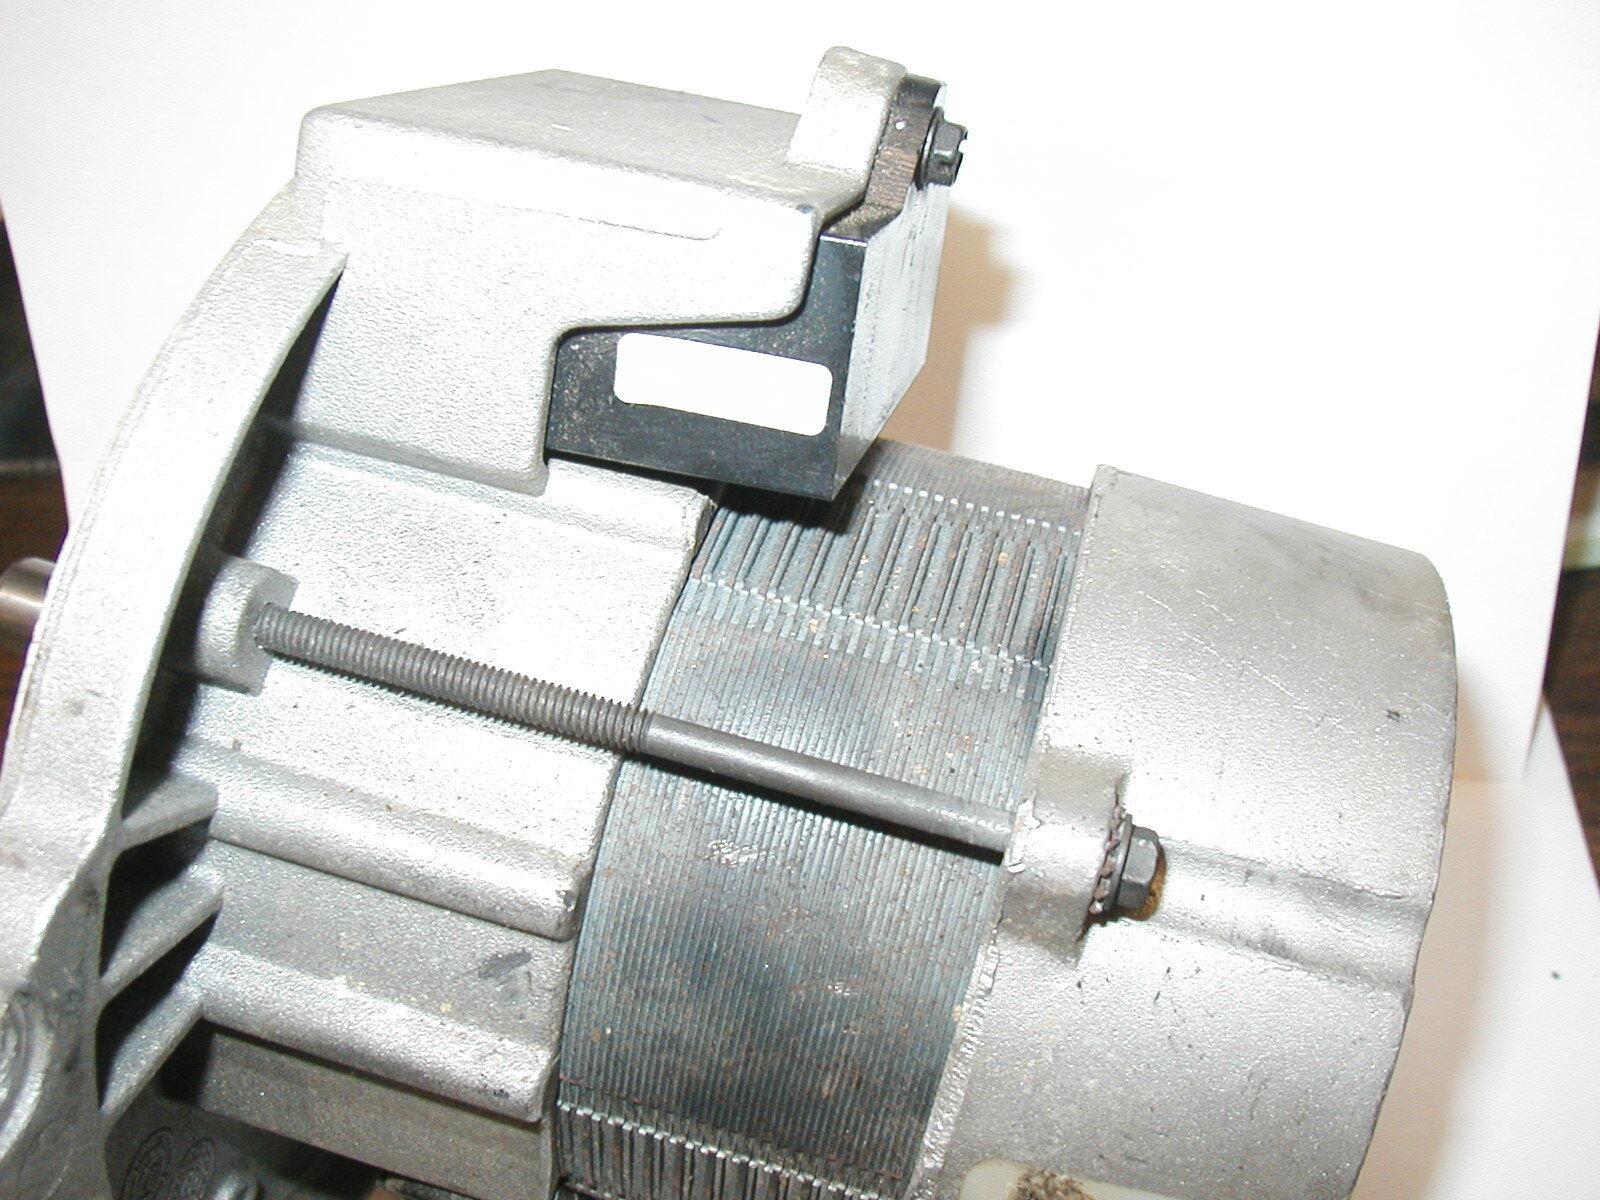 Beckett 21805u 1 7 oil burner motor repair ball bearings for Oil furnace motor replacement cost